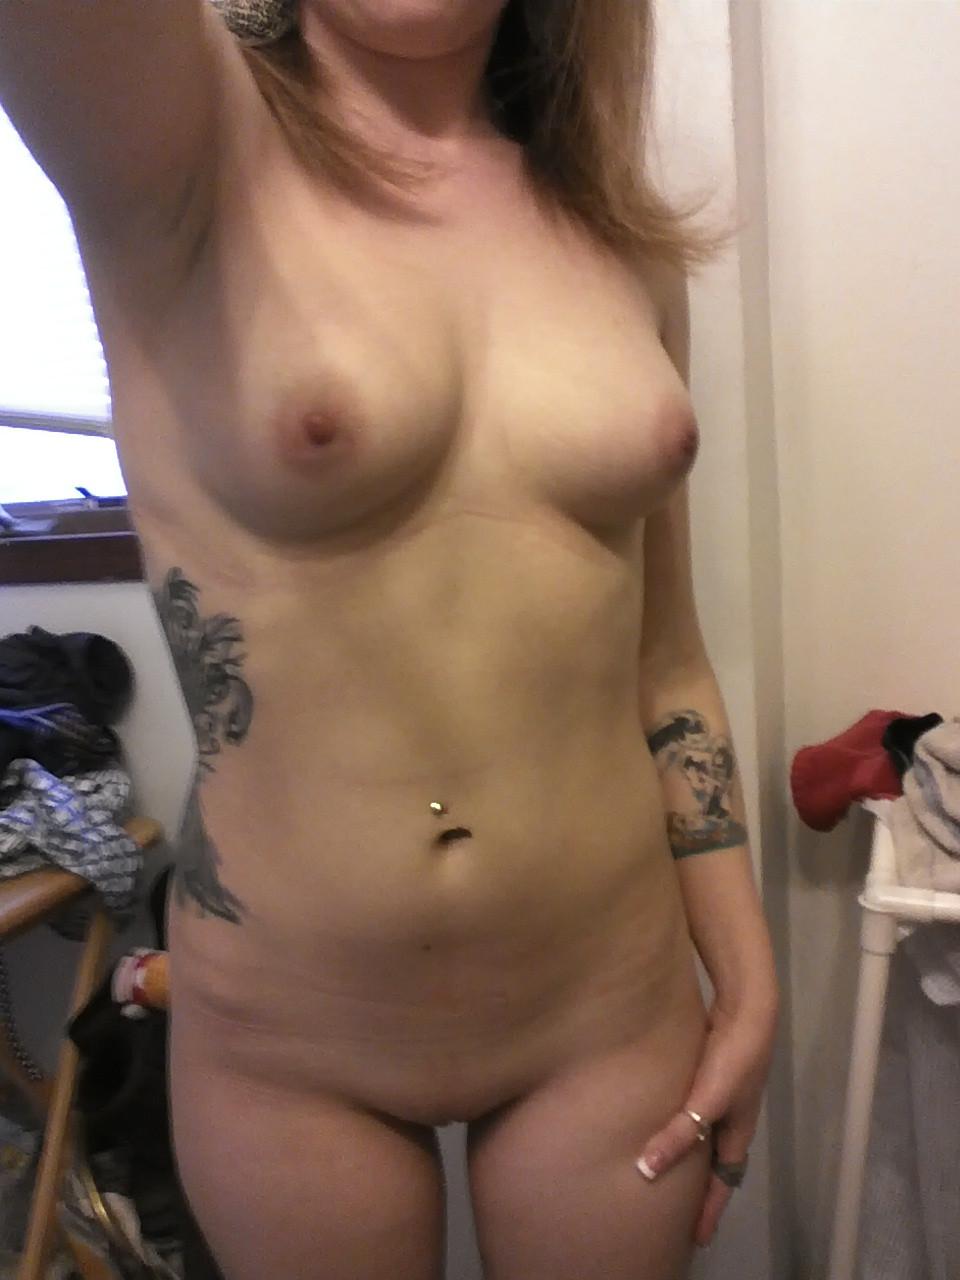 Татуированная особа женского пола в гардеробной стаскивает на камеру голенькую задницу секс фото